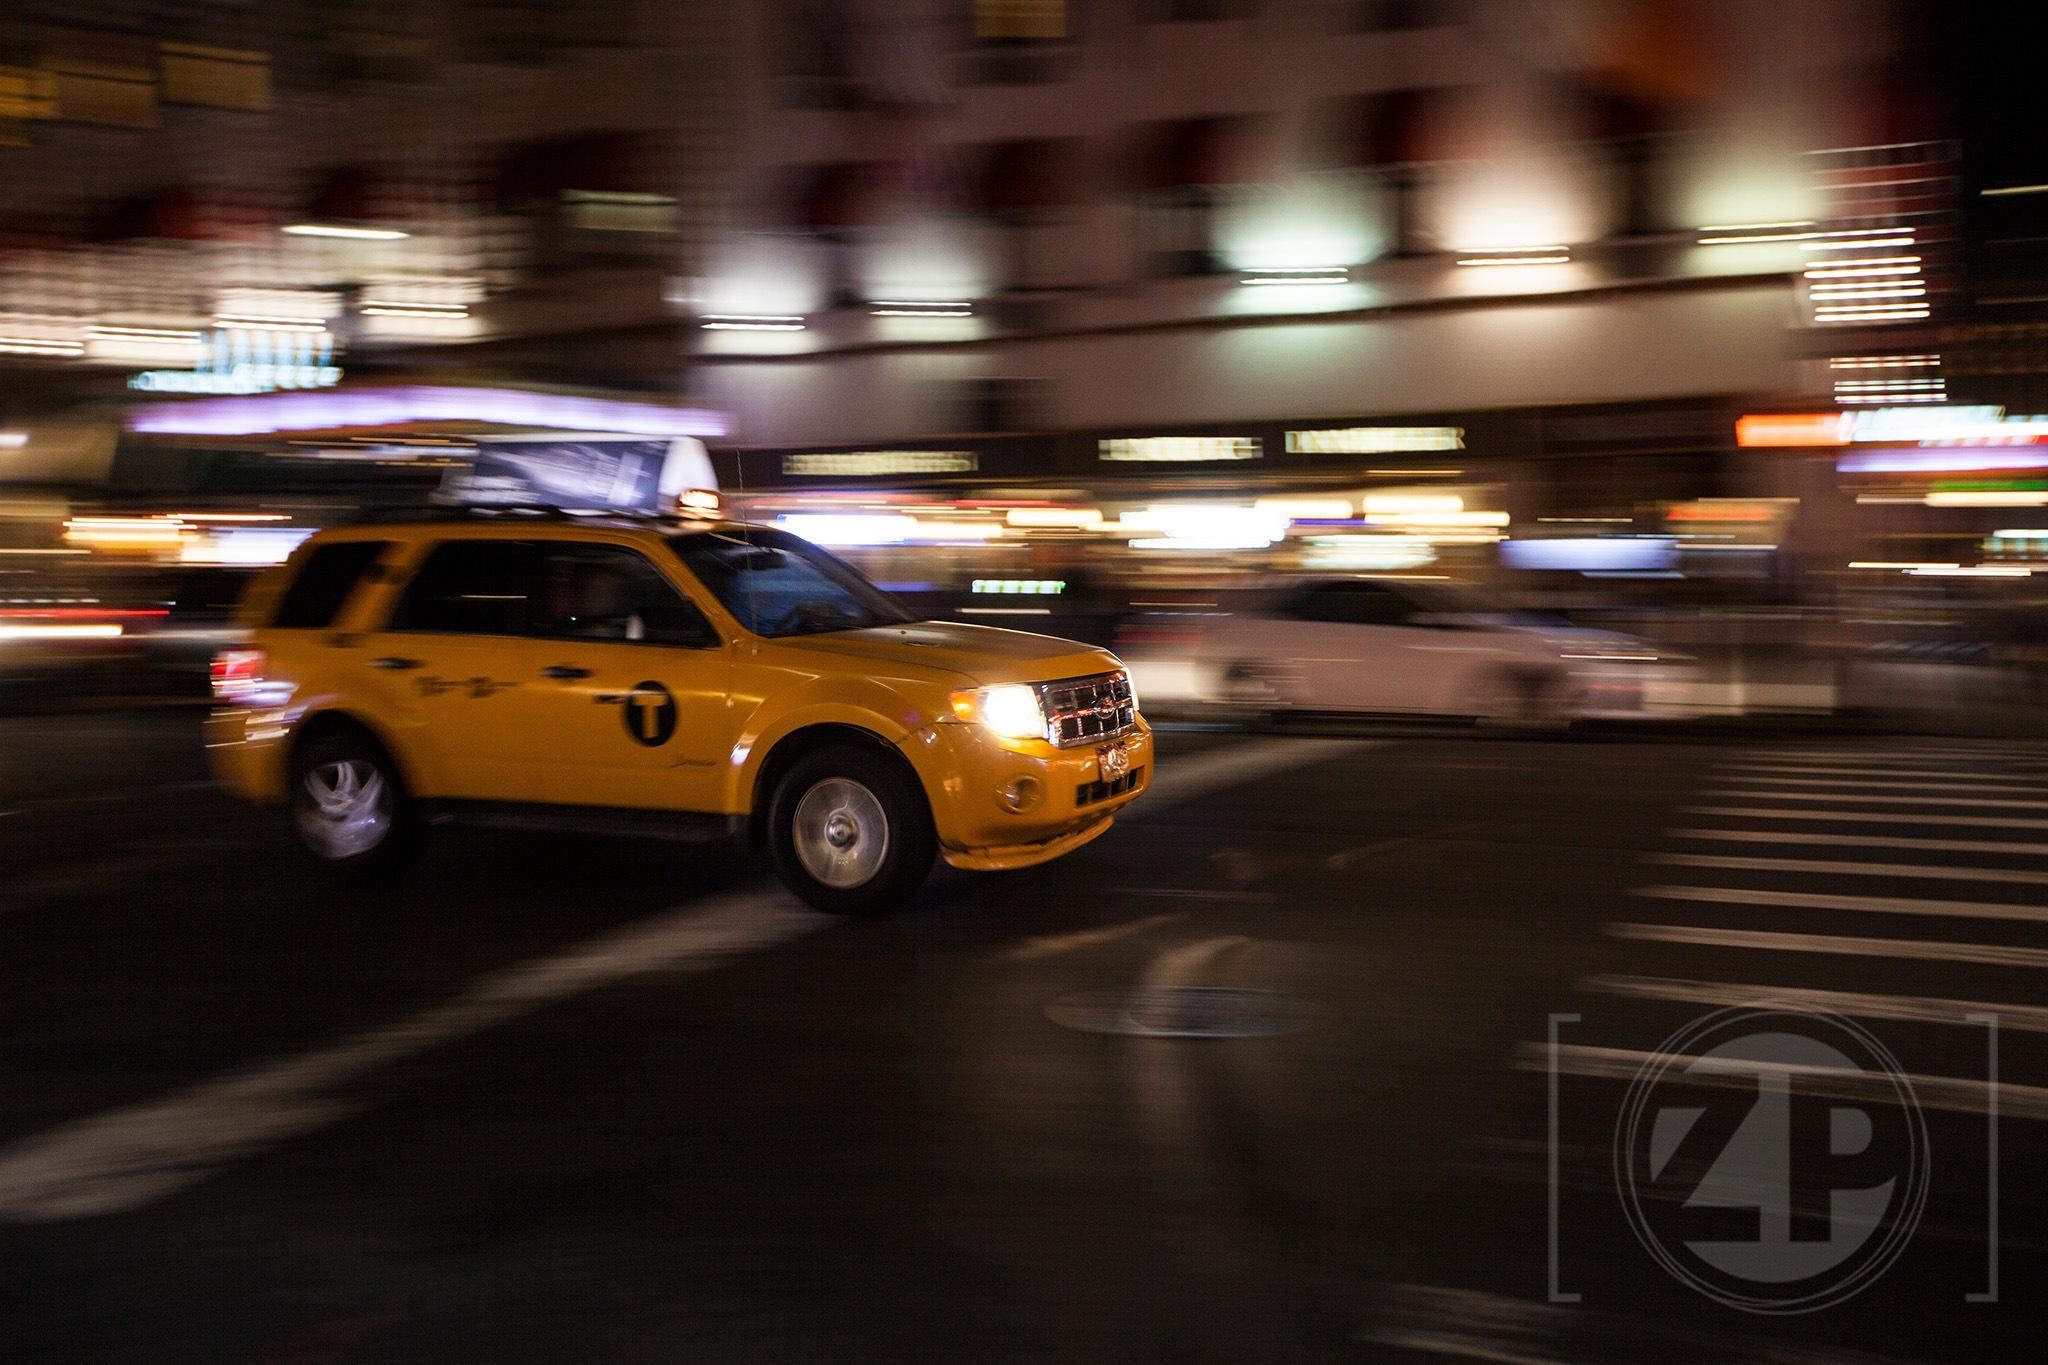 Taxi! by Patrick van Gemert